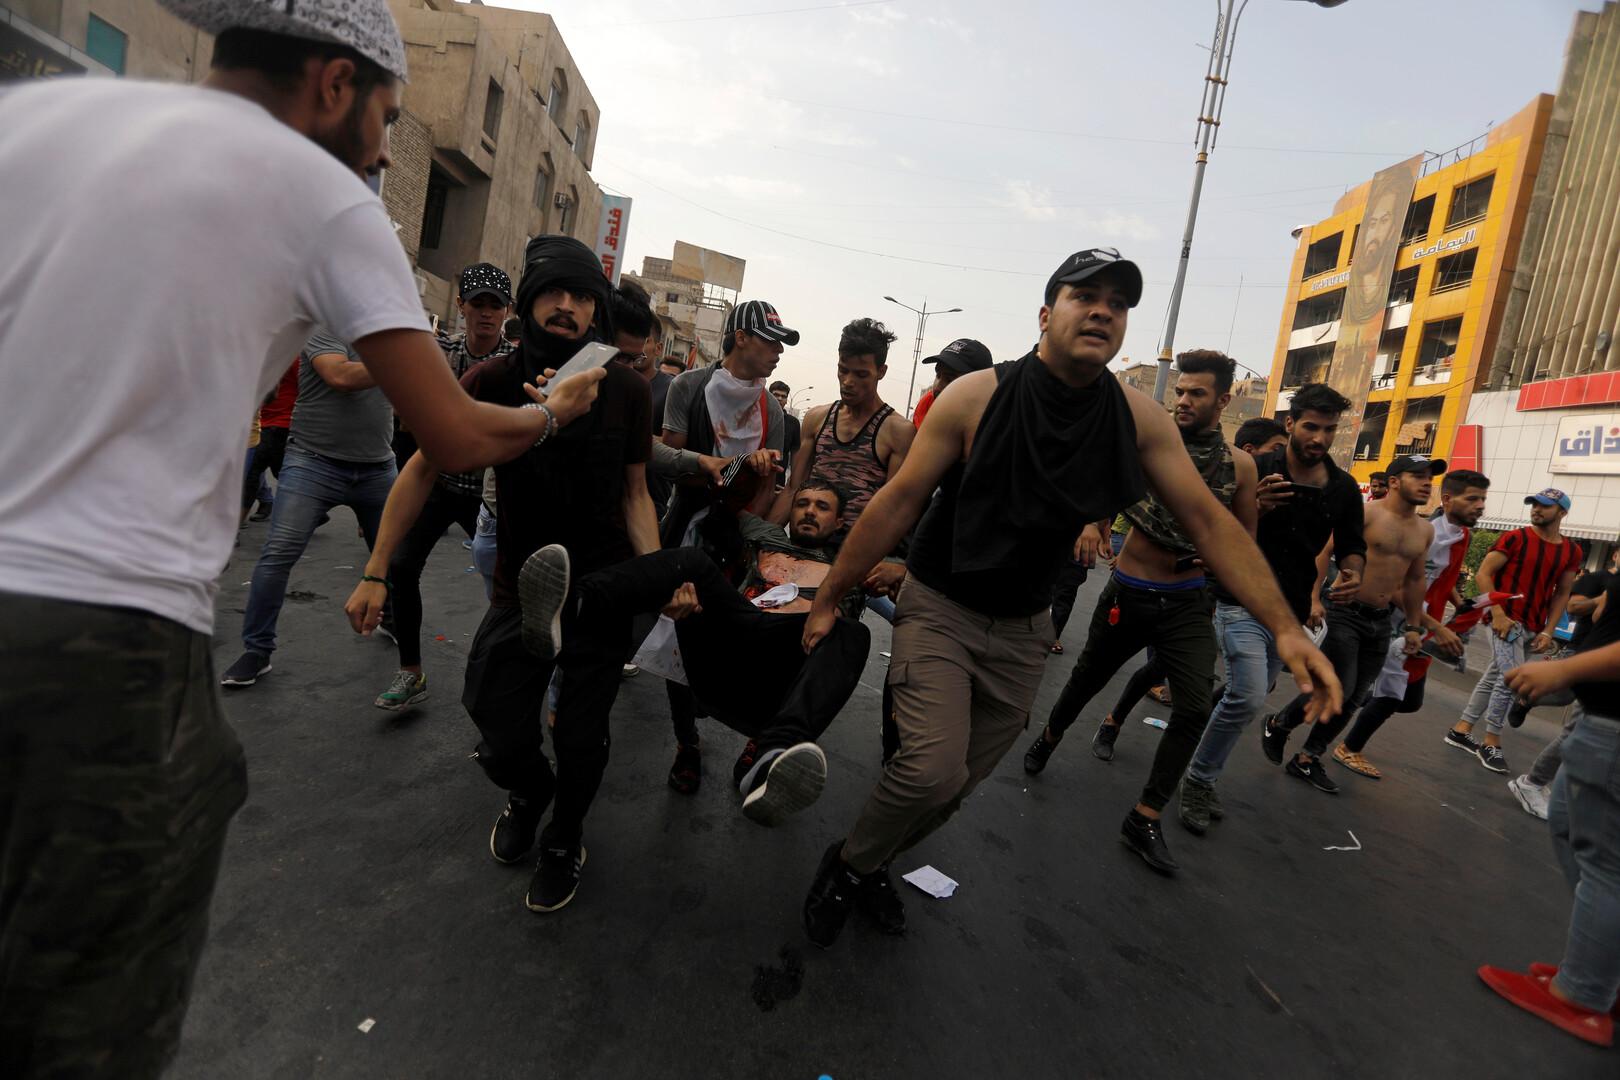 أنباء عن سقوط قتيل في تظاهرات ساحة التحرير وسط بغداد